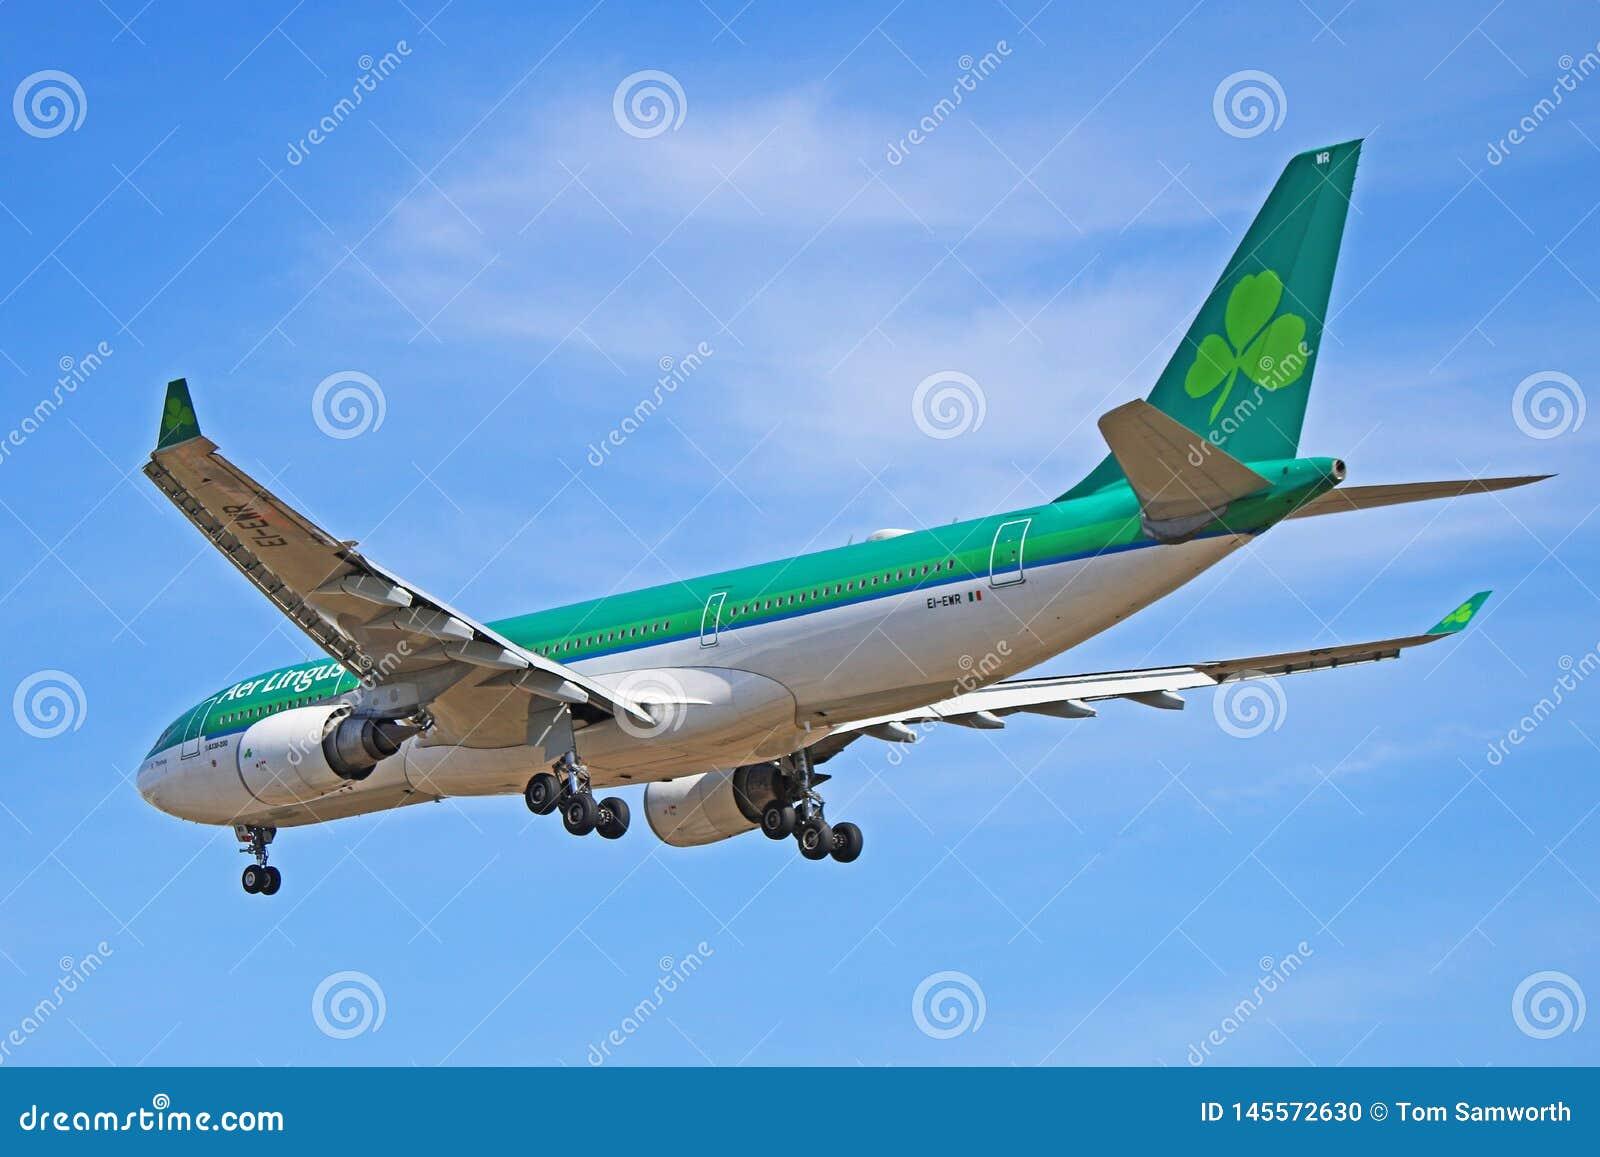 An Aer Lingus Airbus A330-200 Rear View